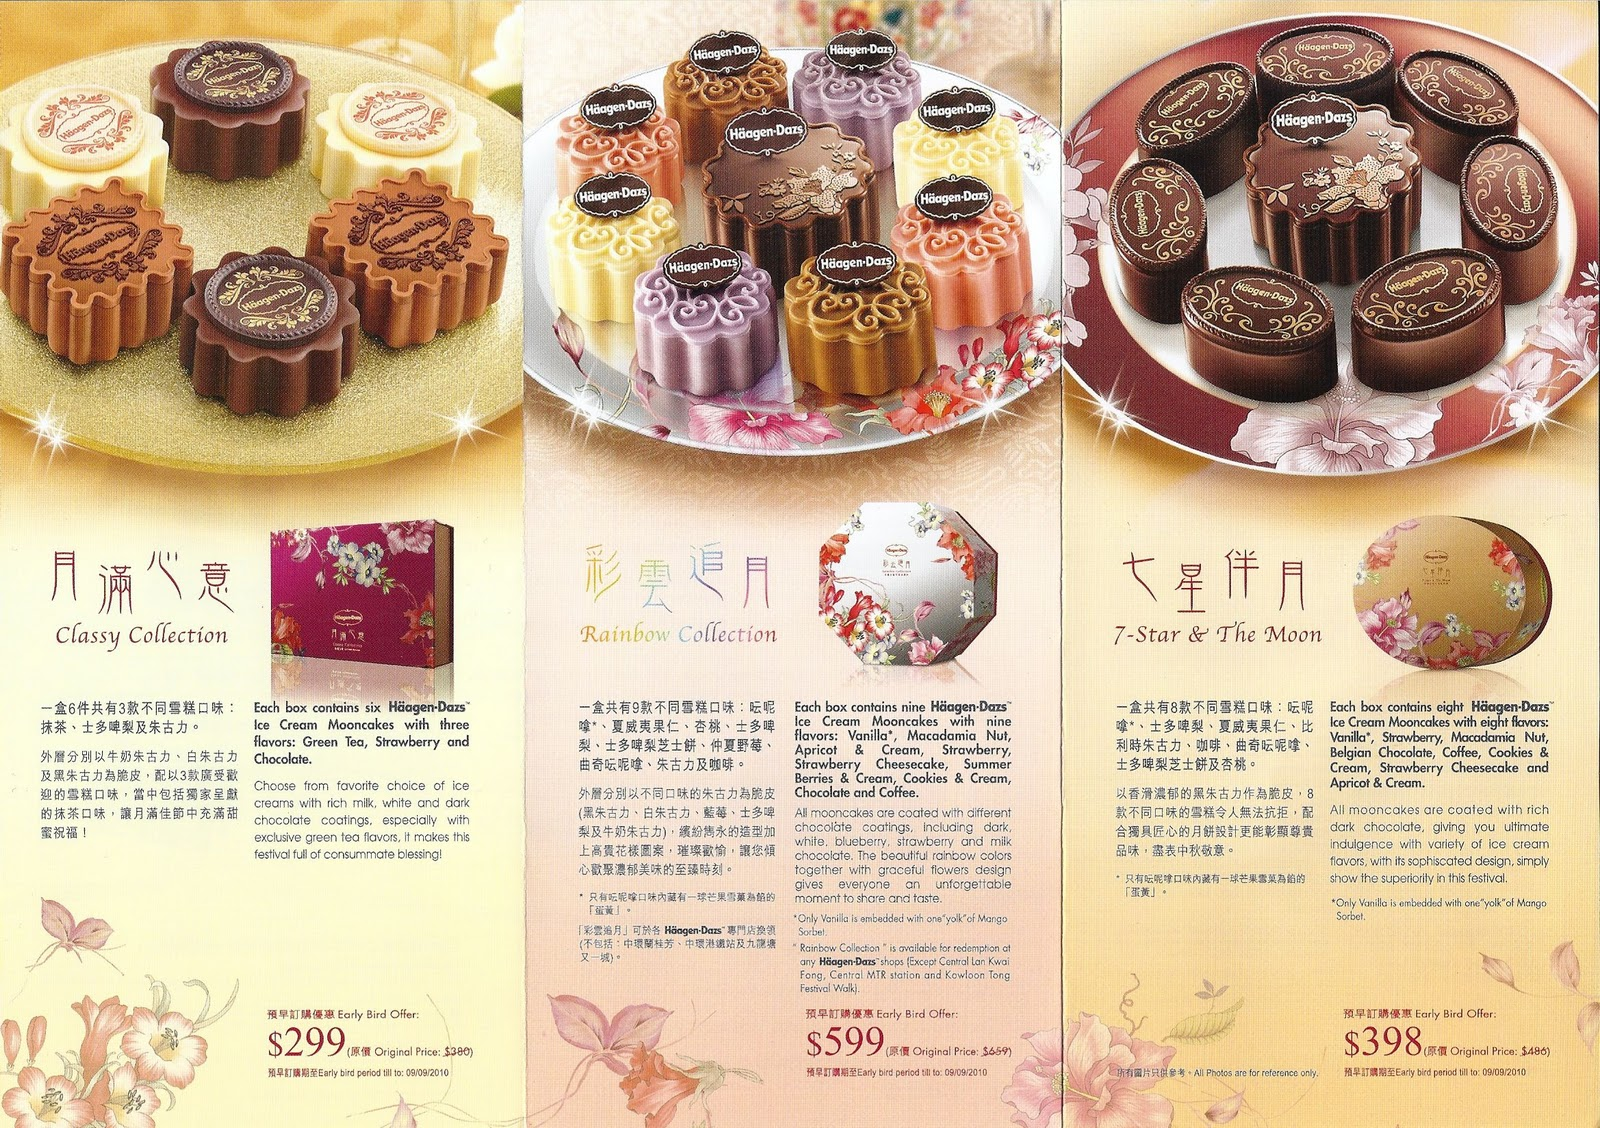 香港中秋月餅 Hong Kong Moon Cake: 2010 月餅: Häagen-Dazs 雪糕月餅(渣打信用卡折扣優惠)